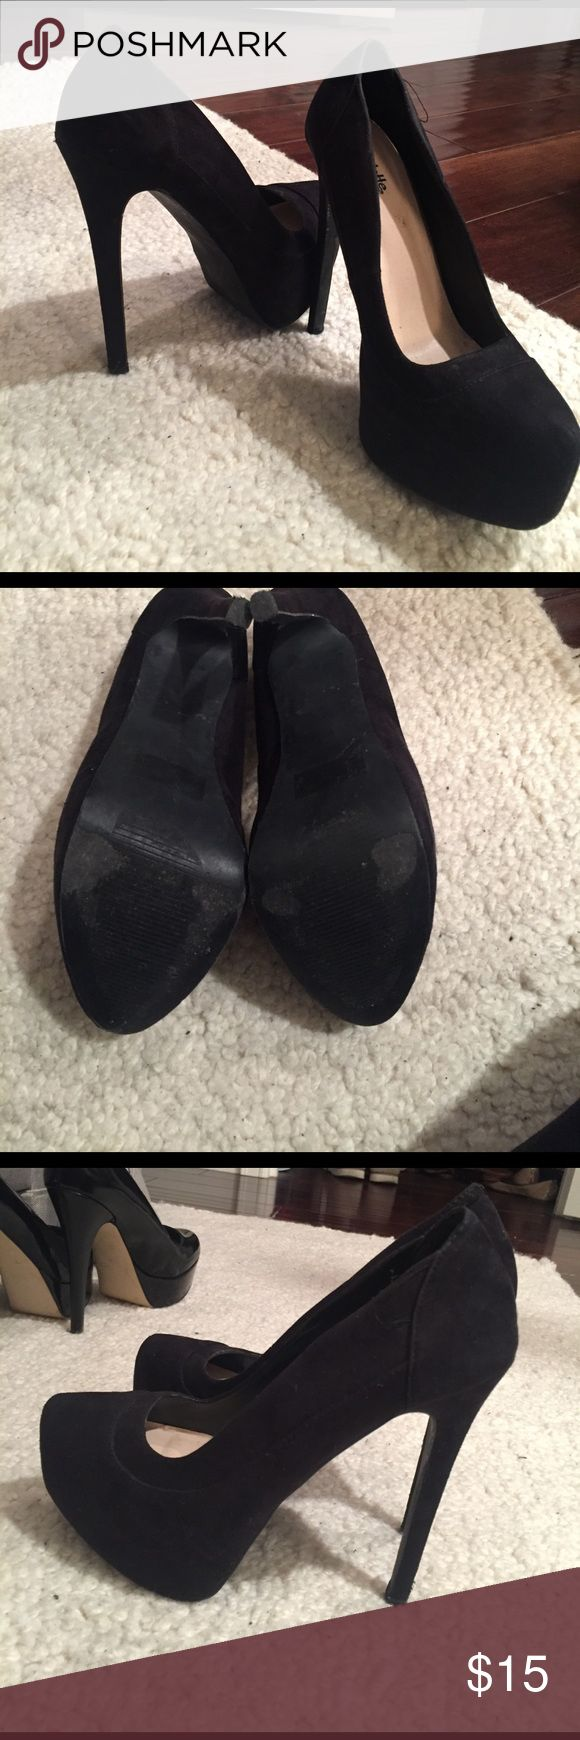 Charolette Russe Black Suede Platform Pumps Black suede platform pumps. Fairly comfortable for being so high. Slightly pointed toe. Charlotte Russe Shoes Platforms